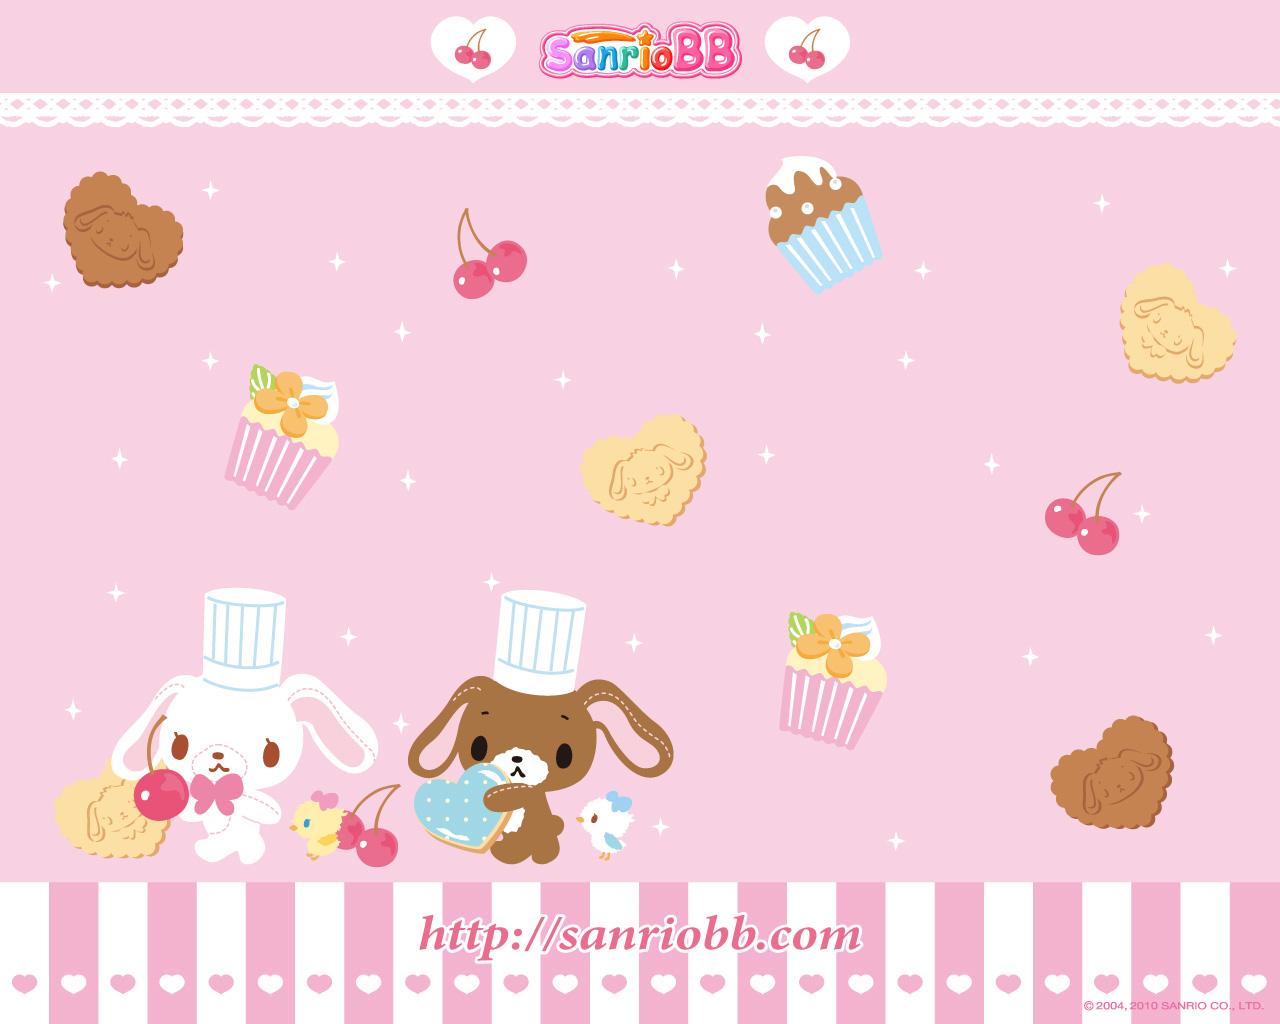 immorivine Sugarbunnies wallpaper 1280x1024